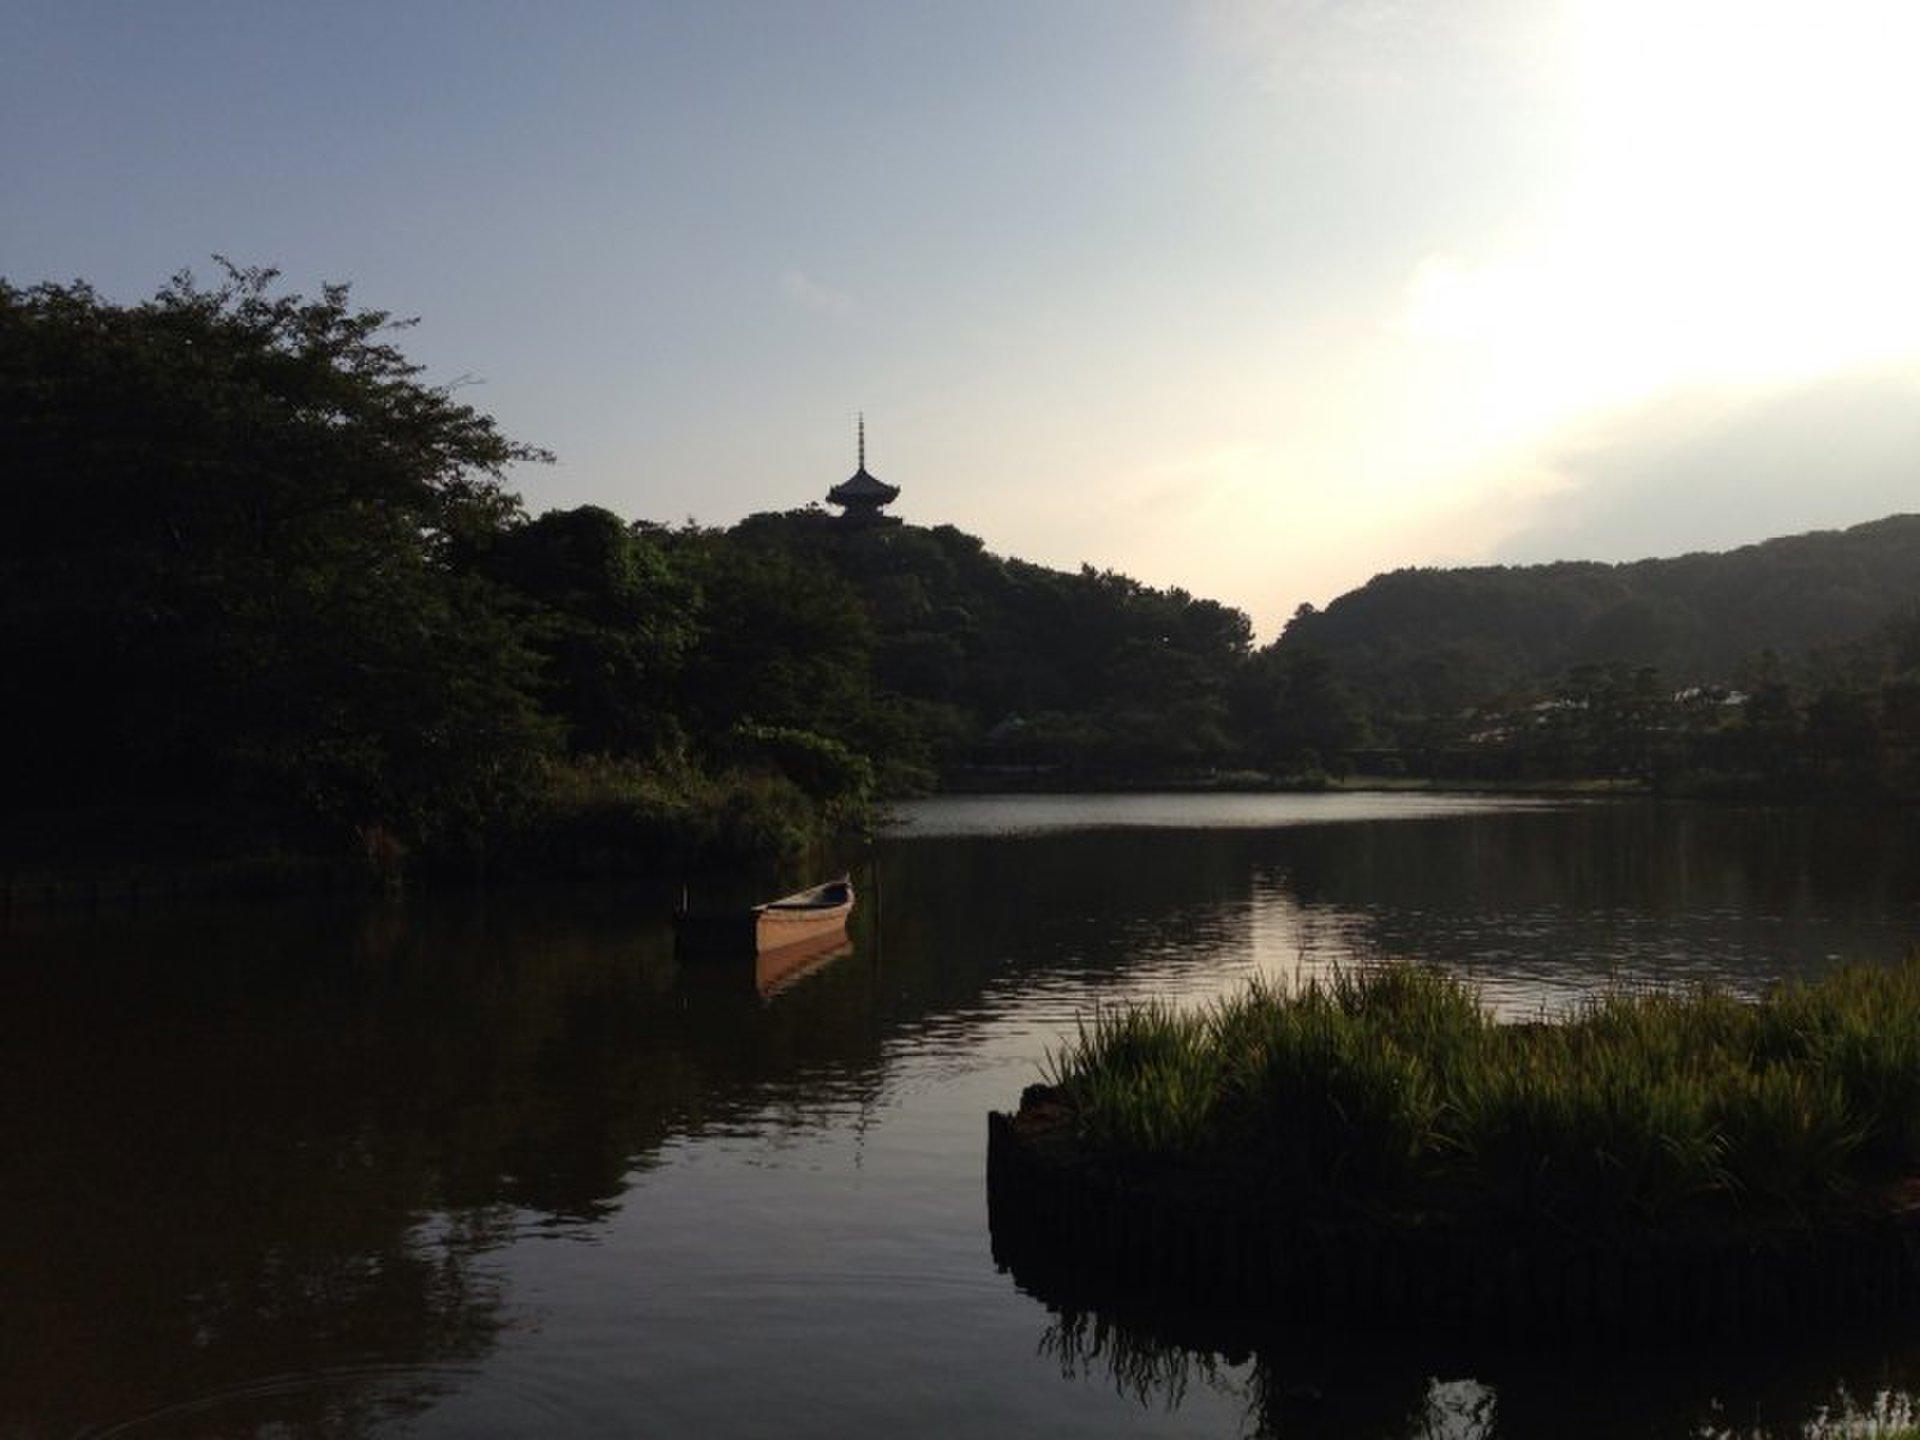 【横浜でおしゃれデートするなら三渓園】自然溢れる日本庭園&テラスランチができるスポット!